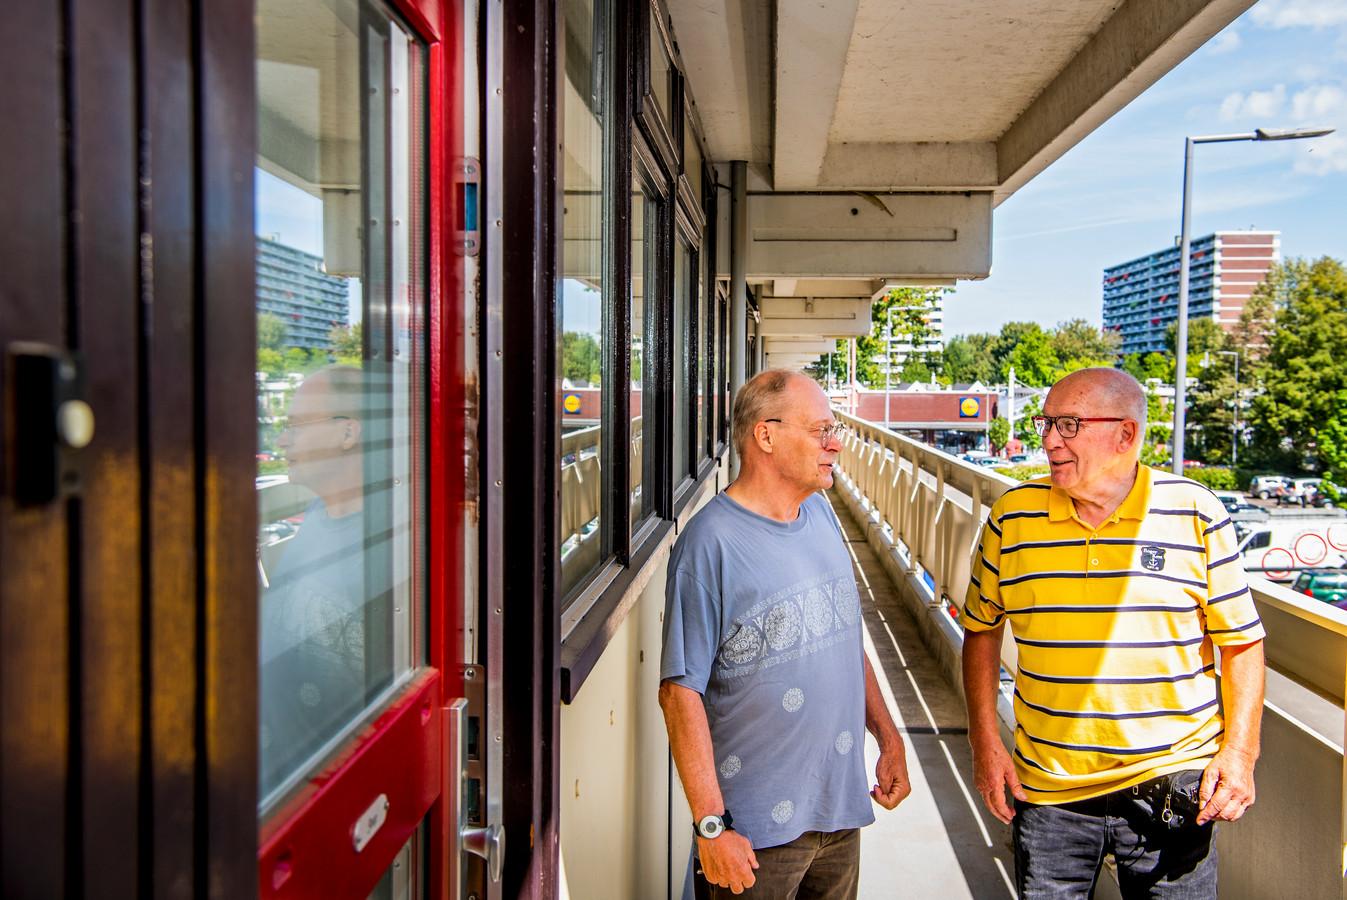 Bewonersvertegenwoordiger Hans Offermans (rechts) in gesprek met bewoner Joop.